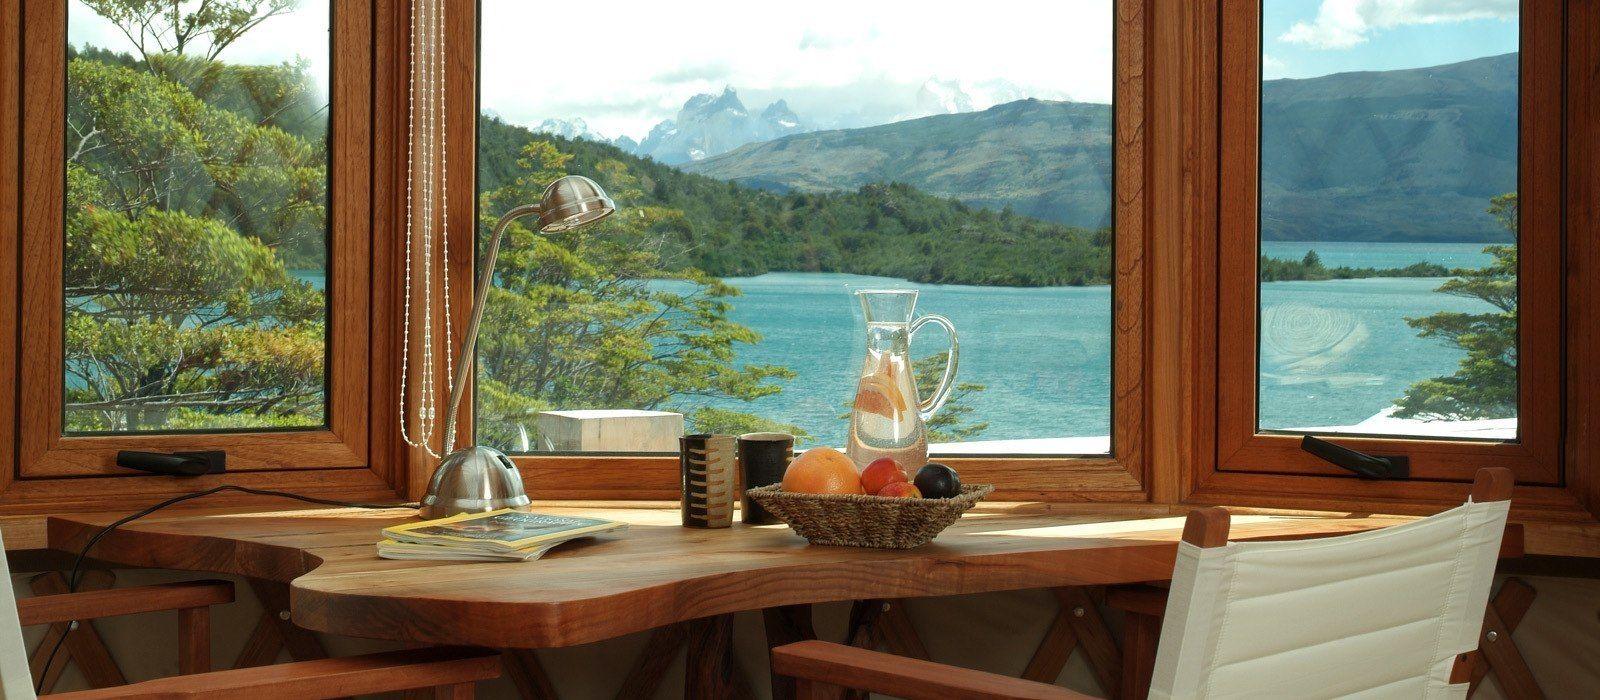 Chile Luxusreise: Einzigartig mit Explora Urlaub 2